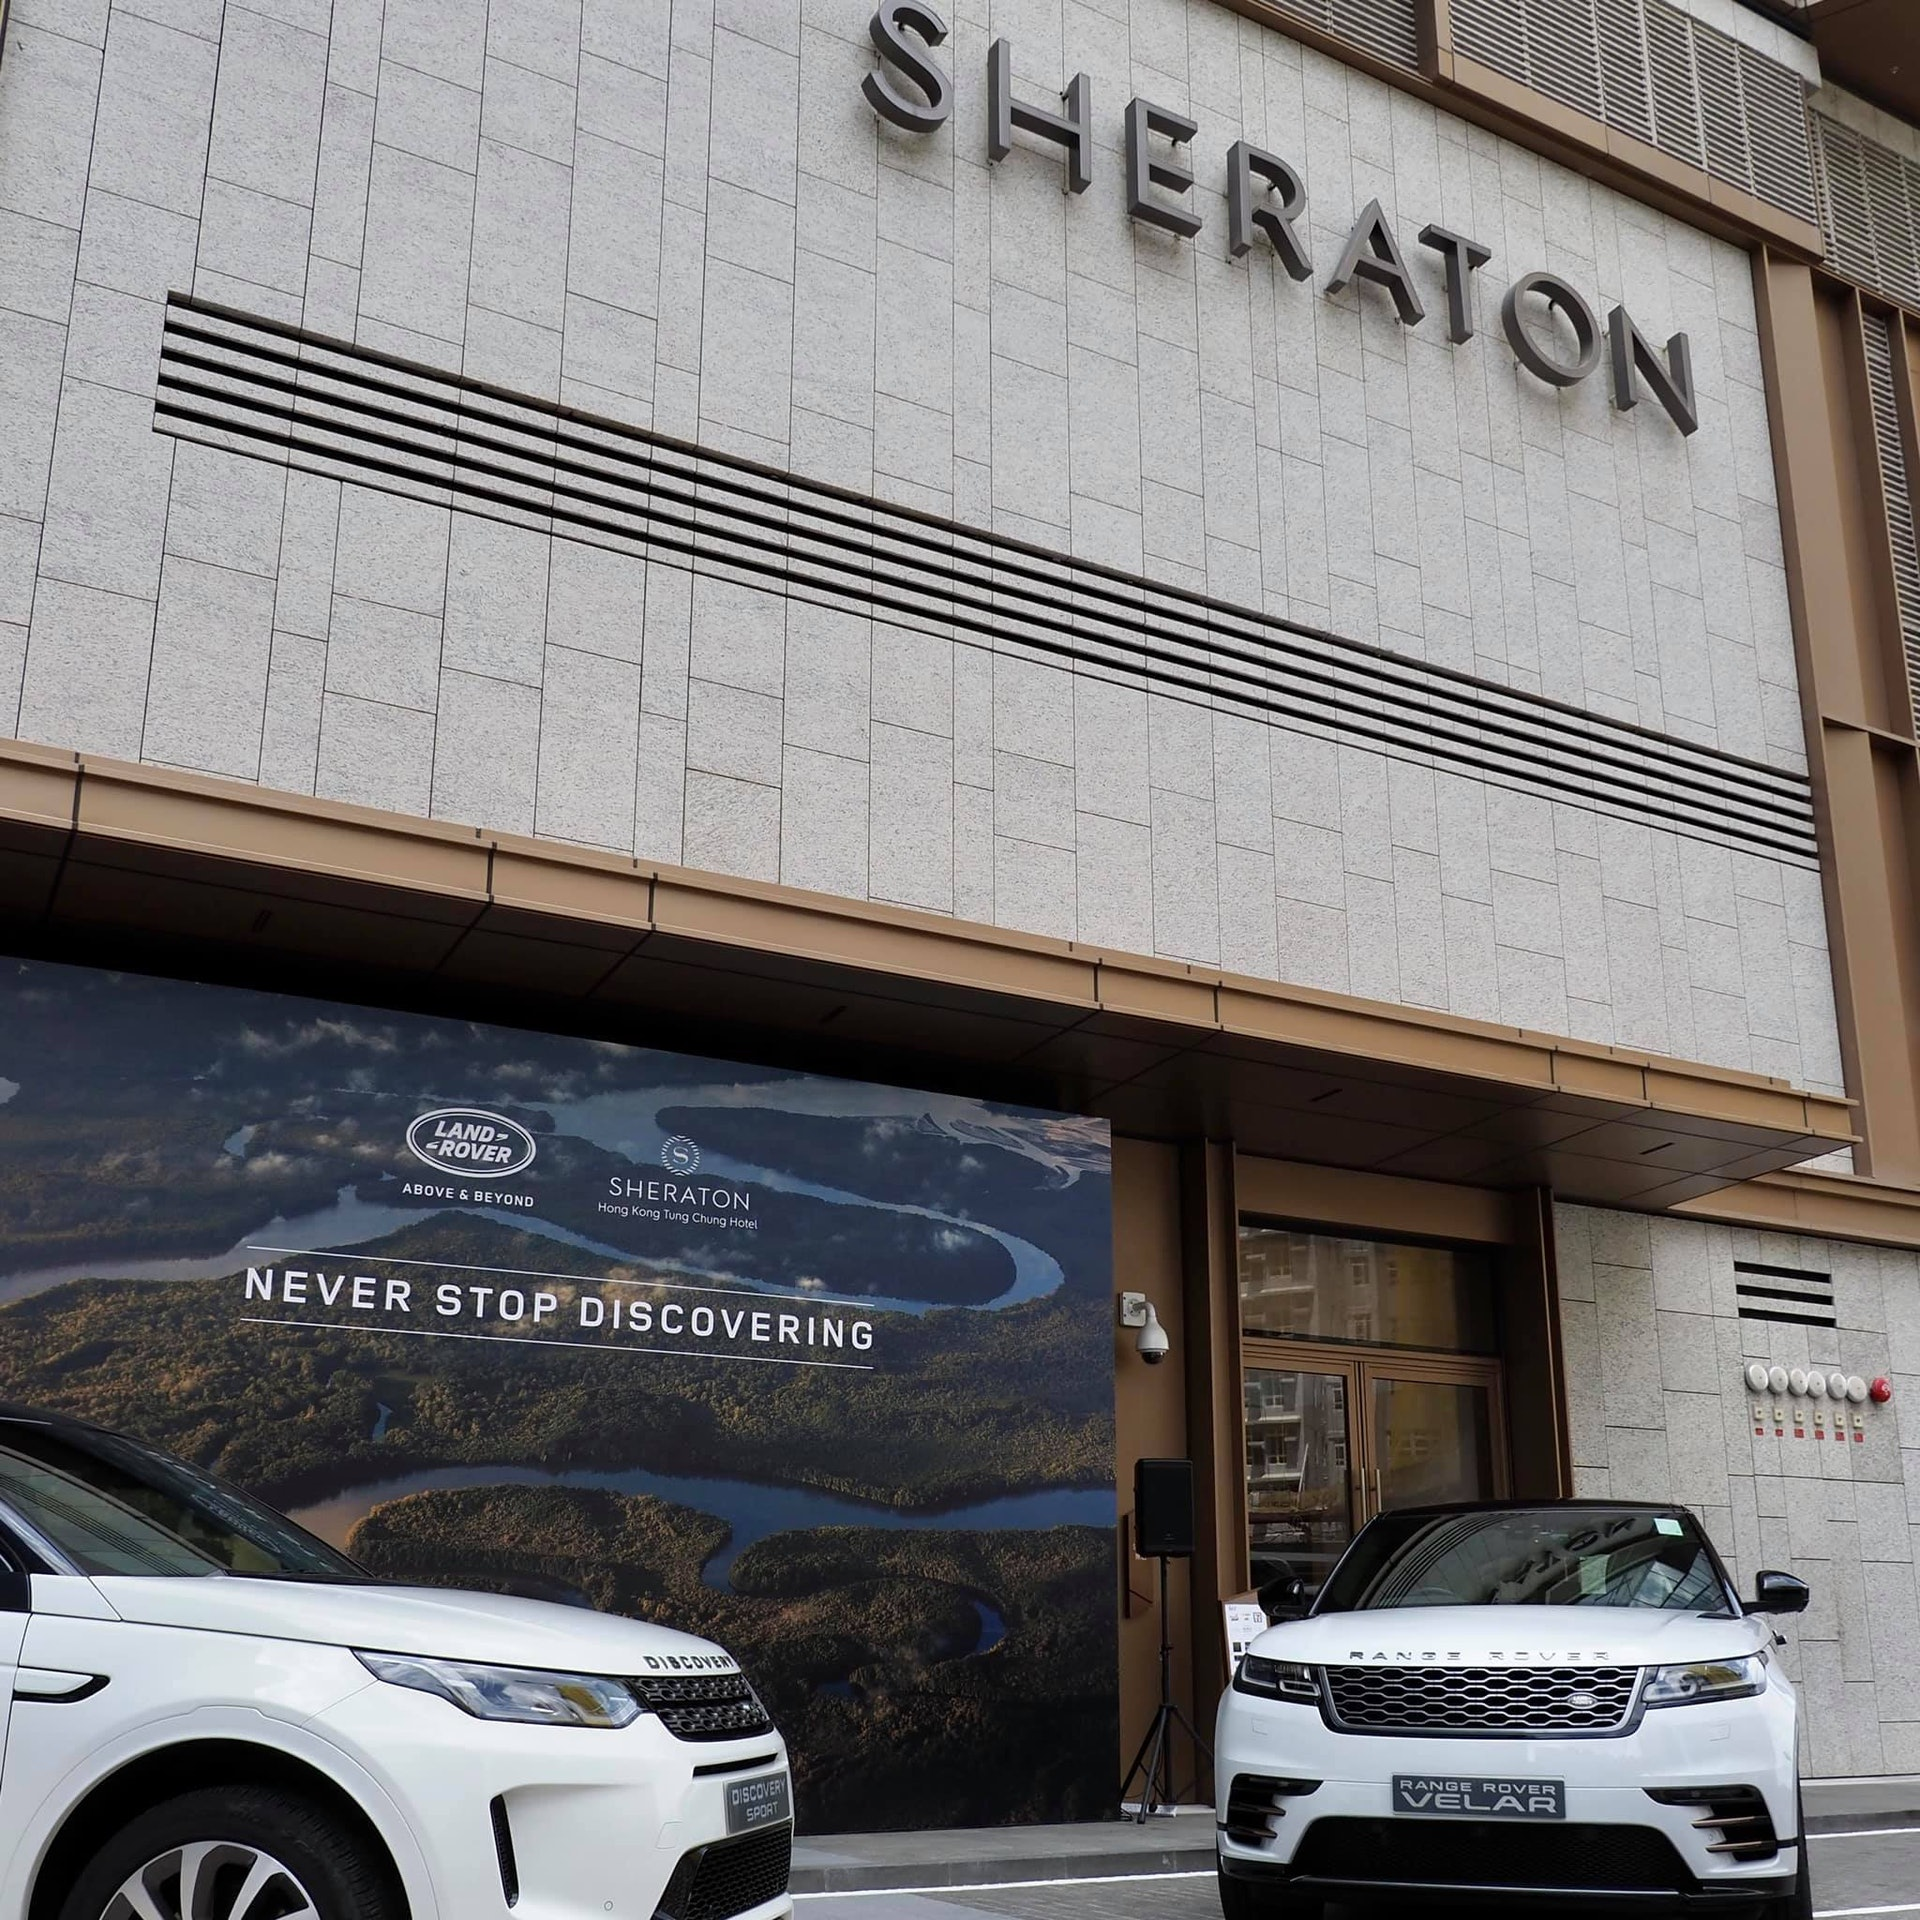 入住非套房可享60分鐘Land Rover Discovery Sport Land Rover駕駛體驗;入住套房可享120分鐘Range Rover Velar Land Rover駕駛體驗。(東涌世茂喜來登酒店圖片)